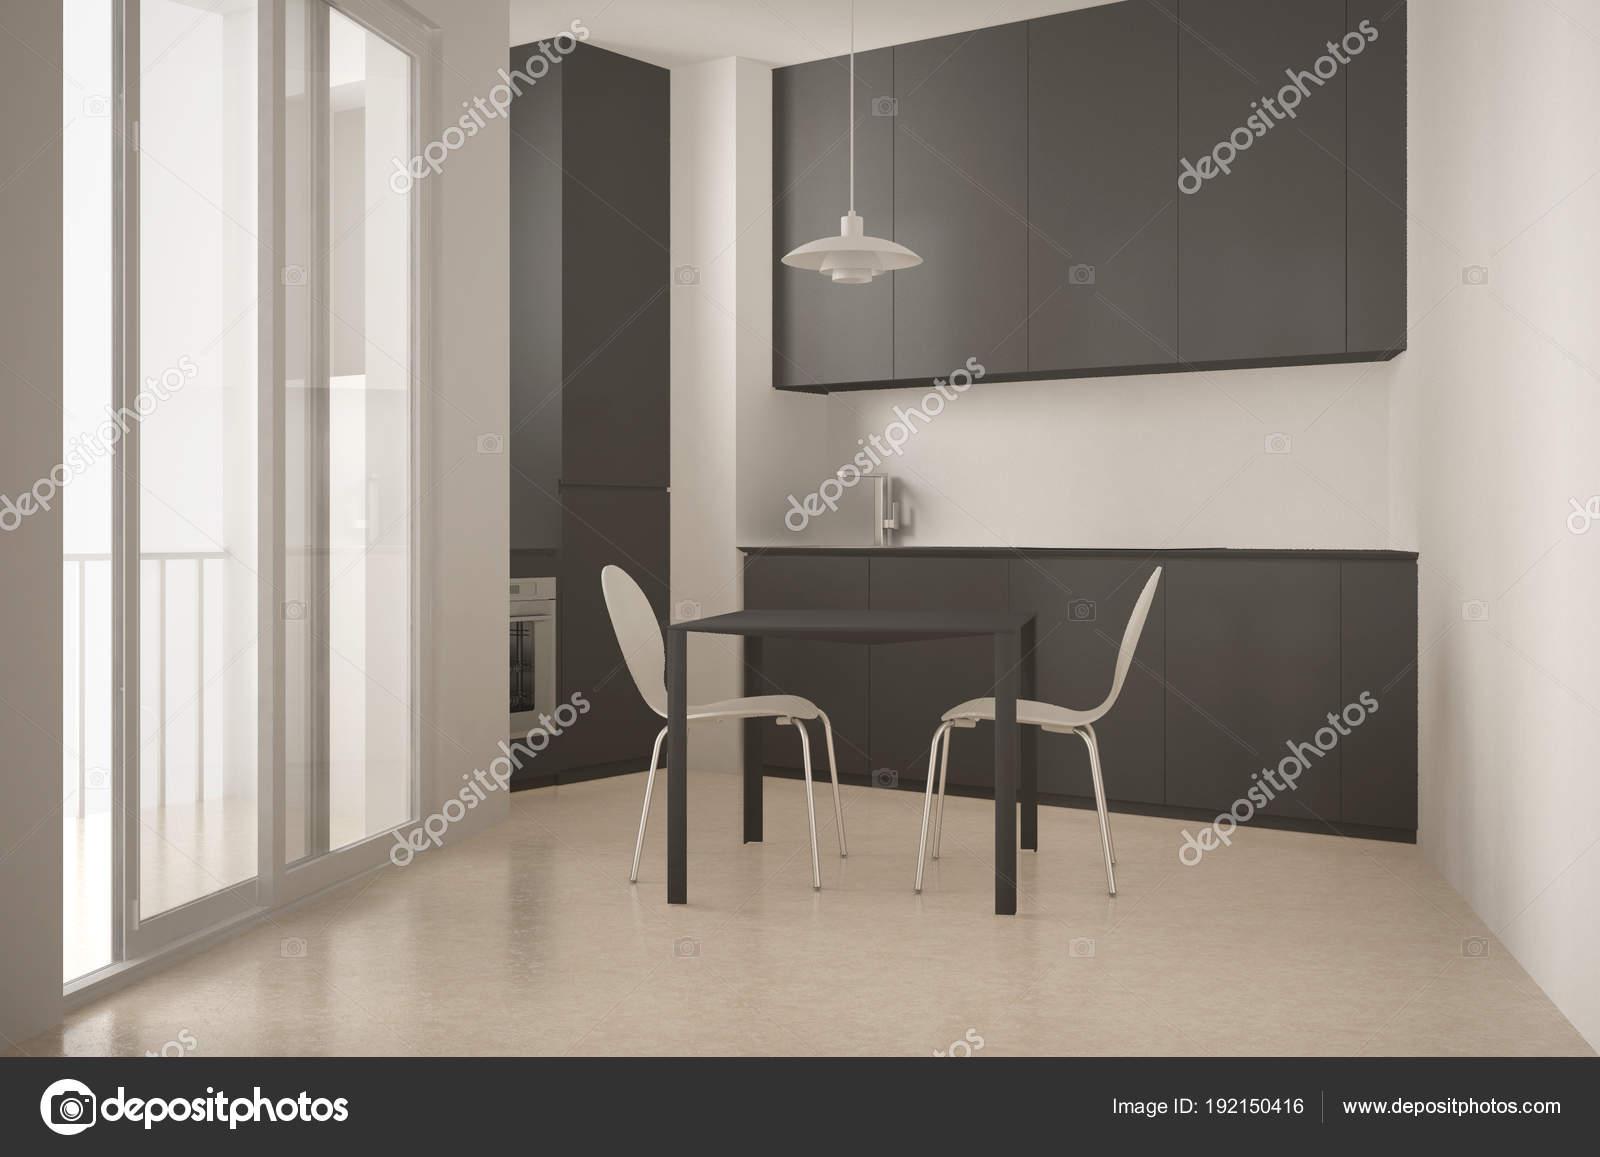 Minimalistische Interieur Inrichting : Minimalistische moderne keuken met groot raam en eetkamer tafel